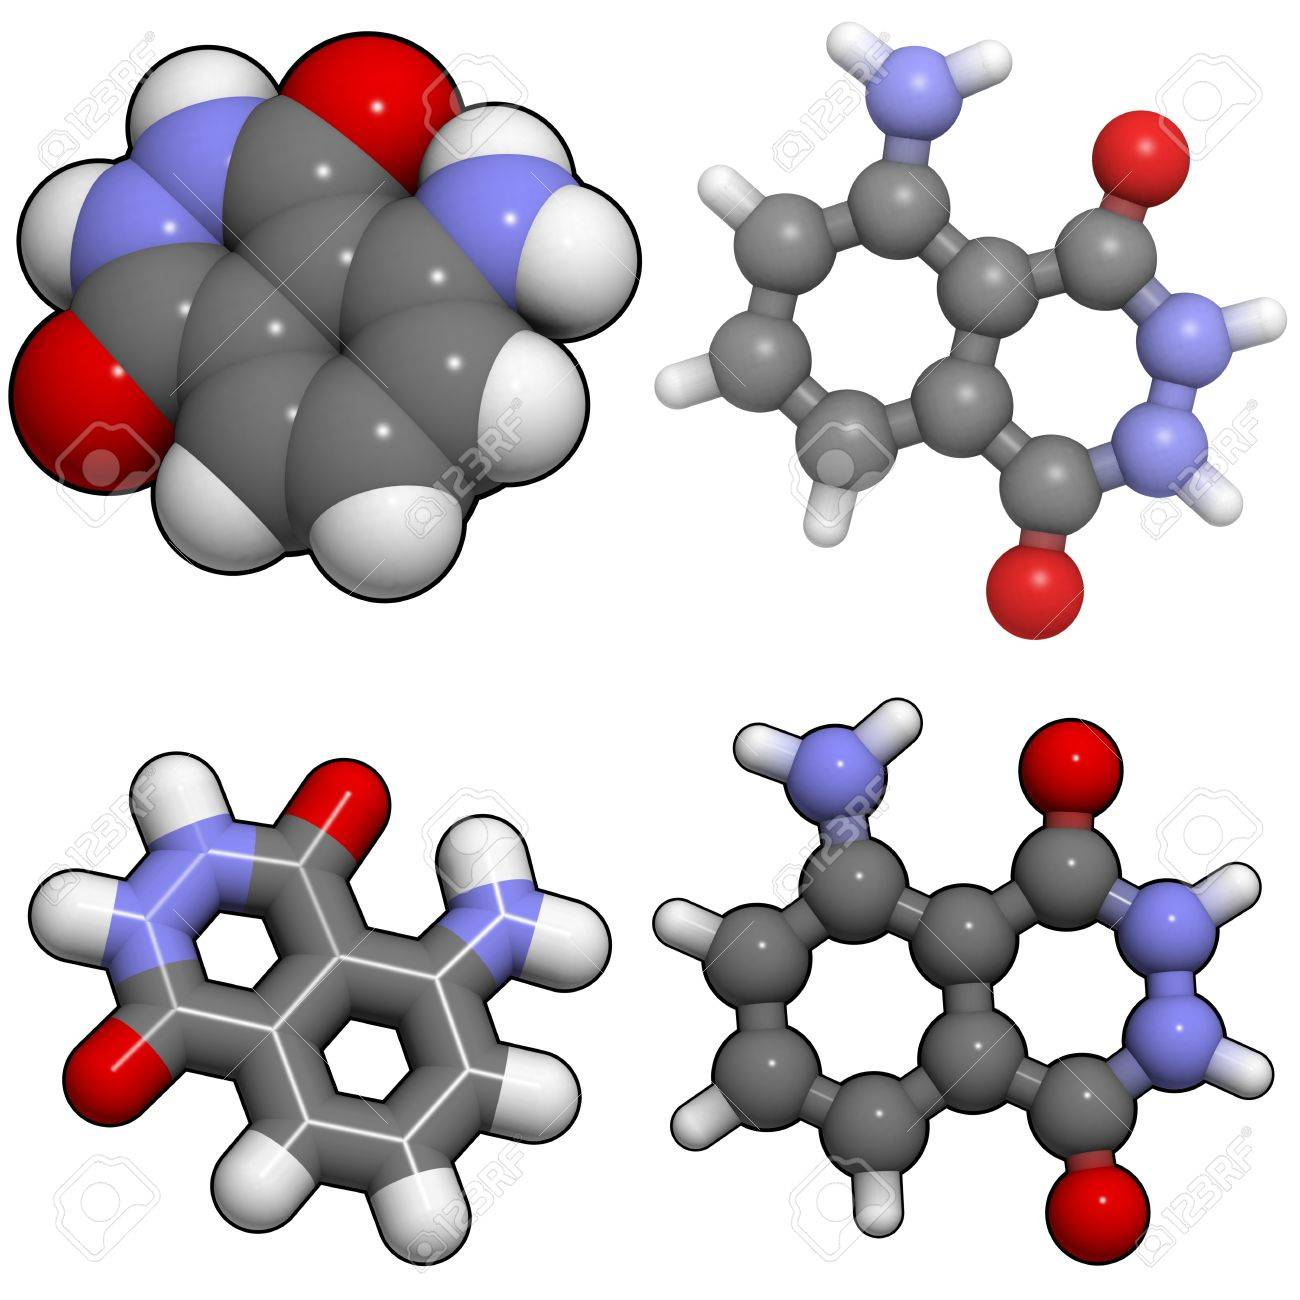 Una molécula de luminol, una sustancia química que se utiliza para detectar la sangre por los investigadores de la escena del crimen. Foto de archivo - 13373400